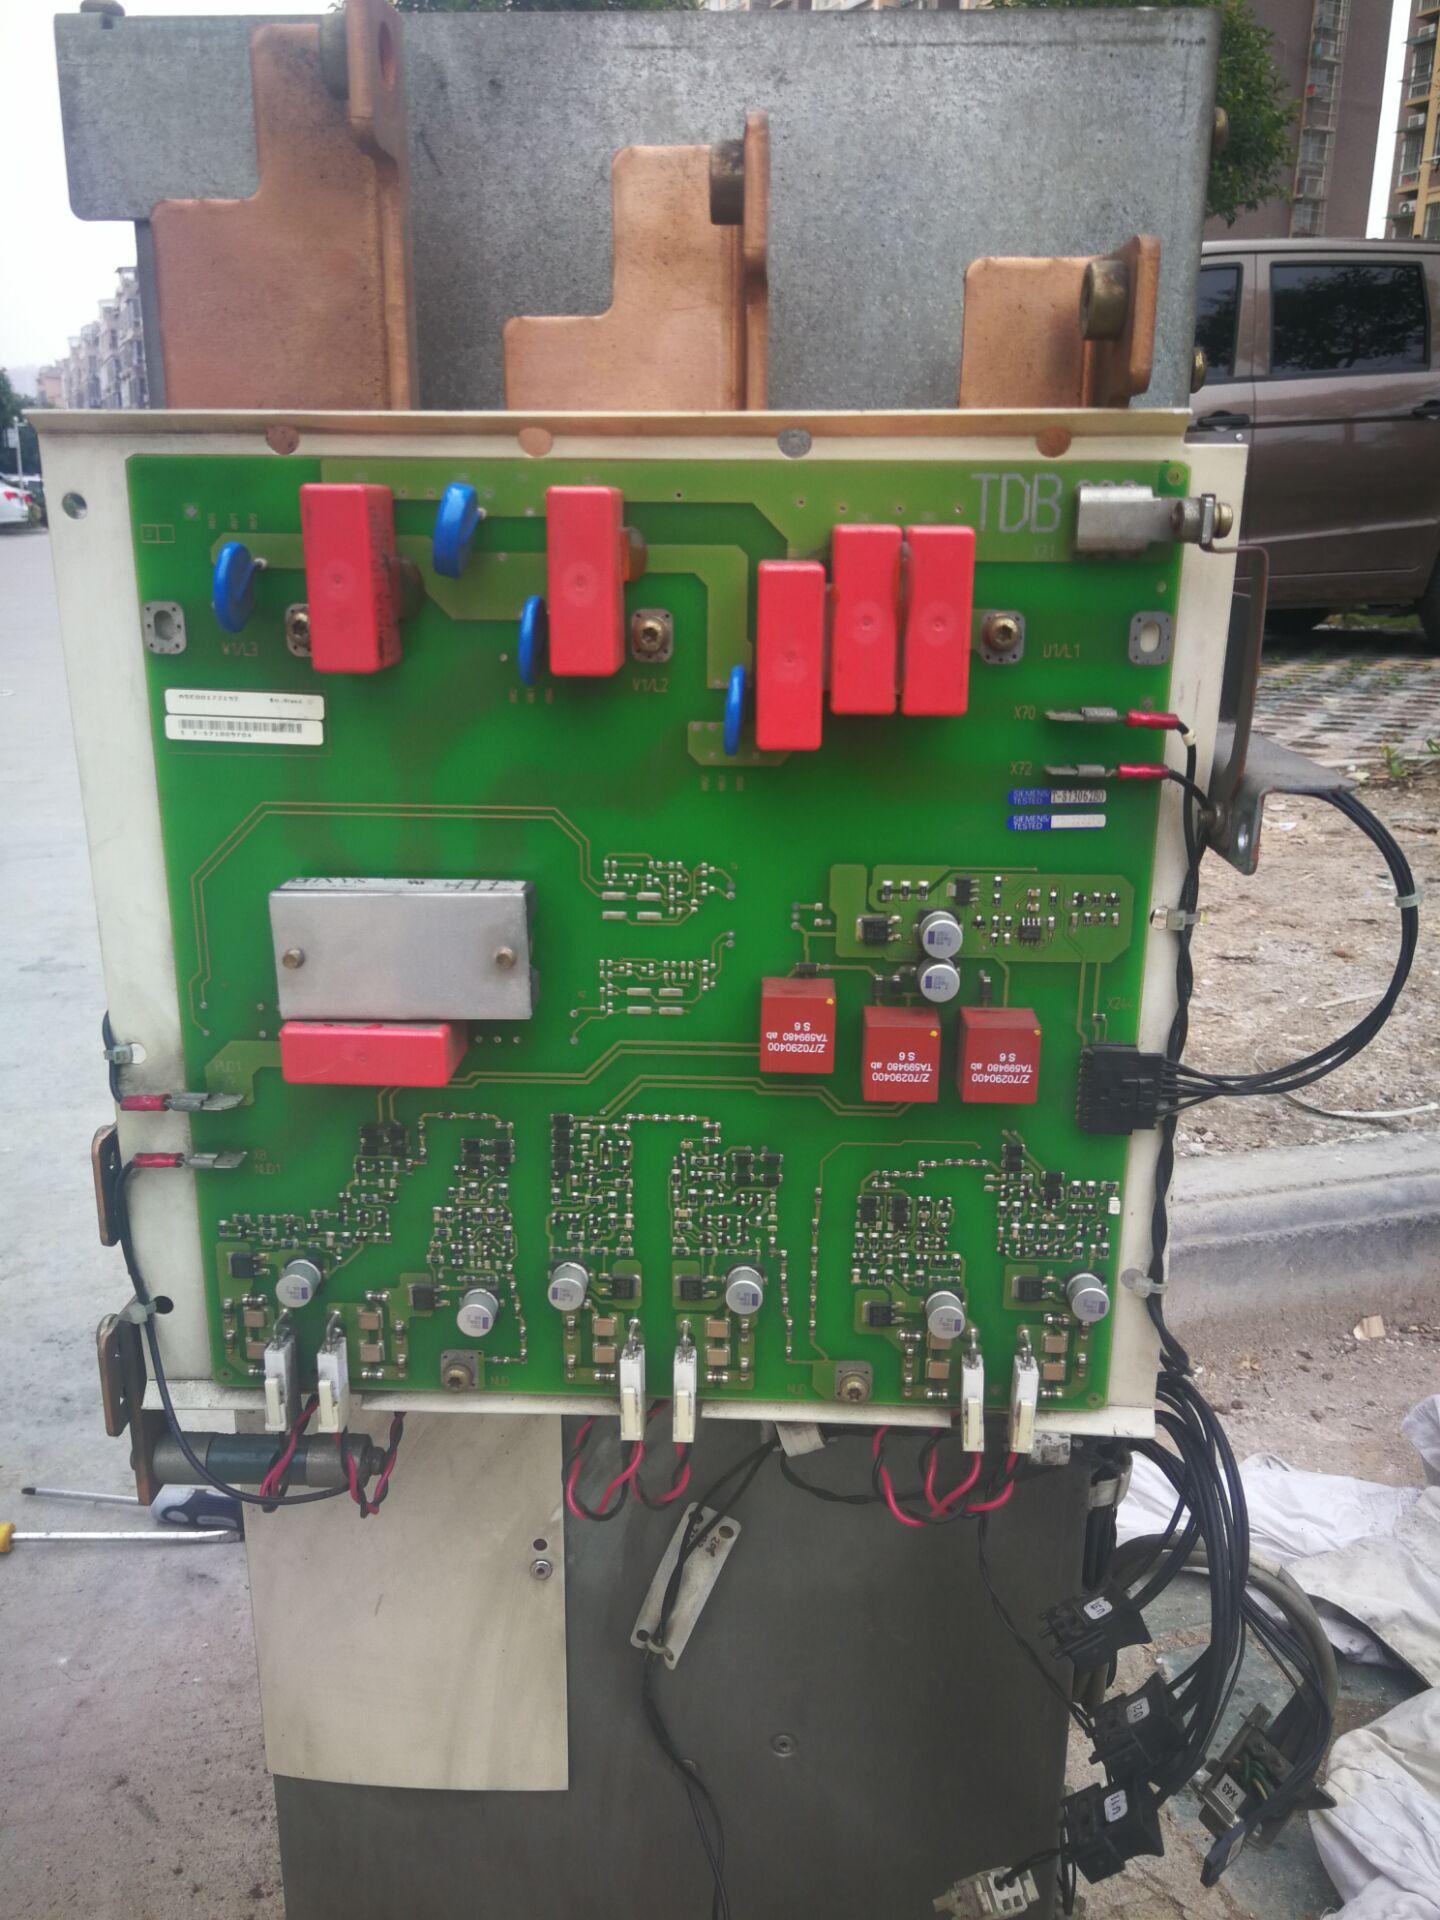 Siemens frequenzumrichter hochleistungs - modul m430m440 zubehör 90KW11OKW132KW200KW